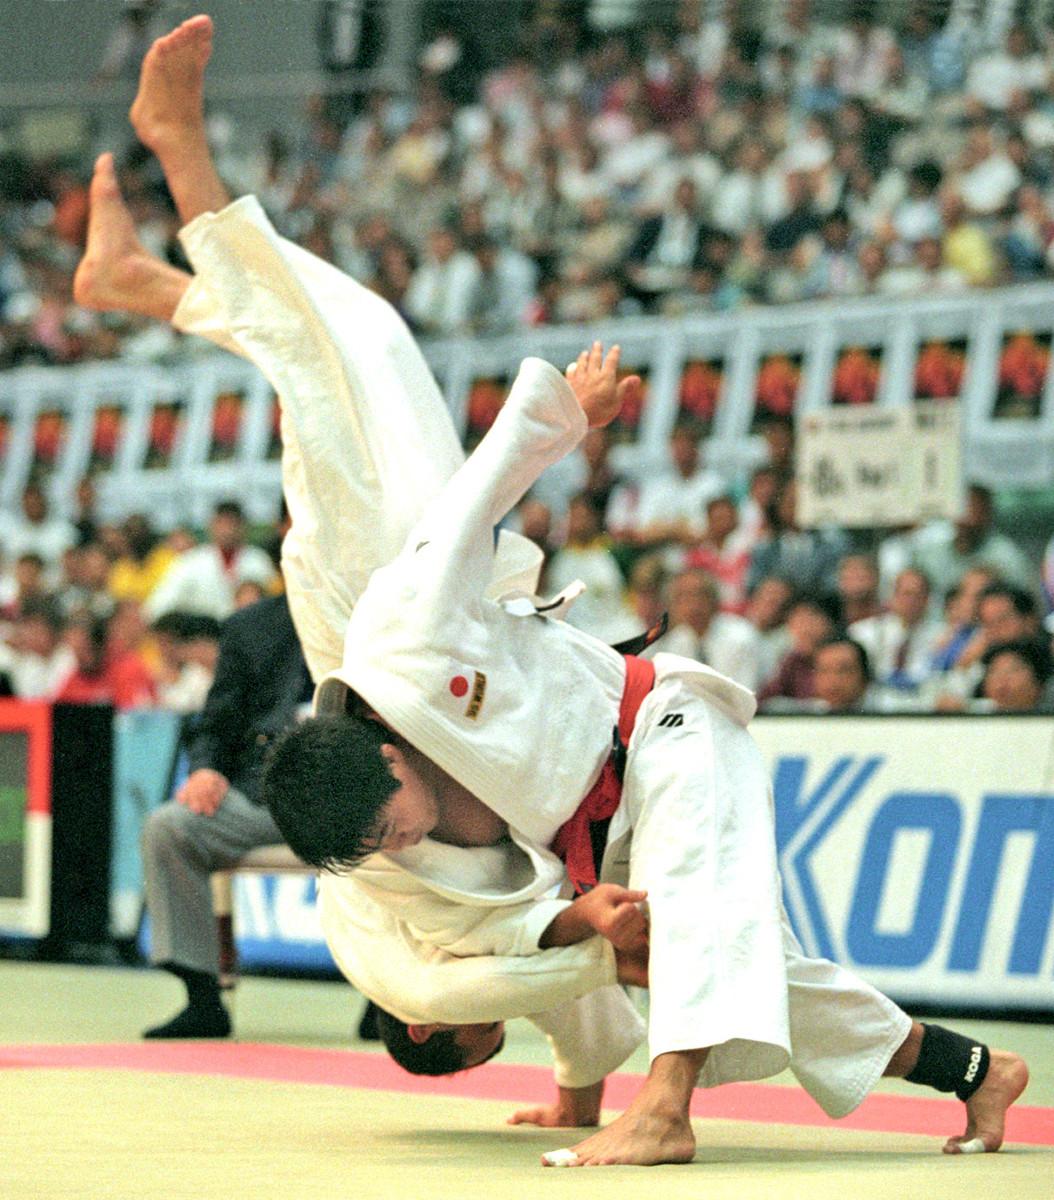 95年の世界柔道はオール一本勝ちで優勝